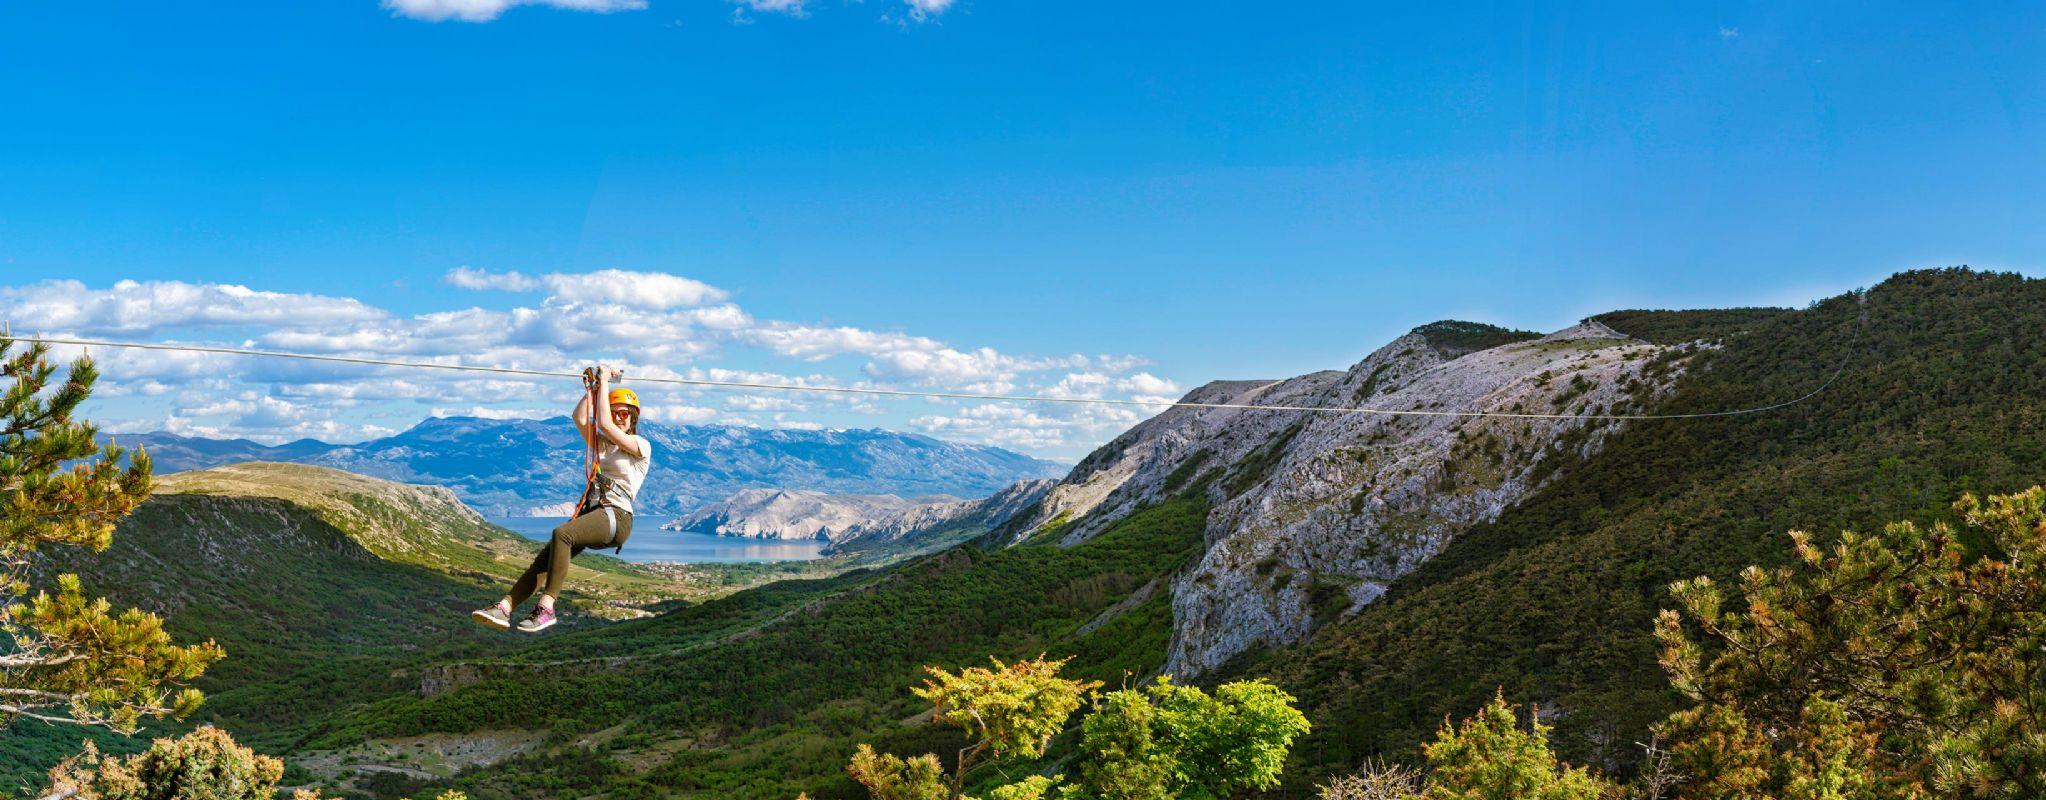 Samo za najhrabrije: zip line atrakcija na otoku Krku